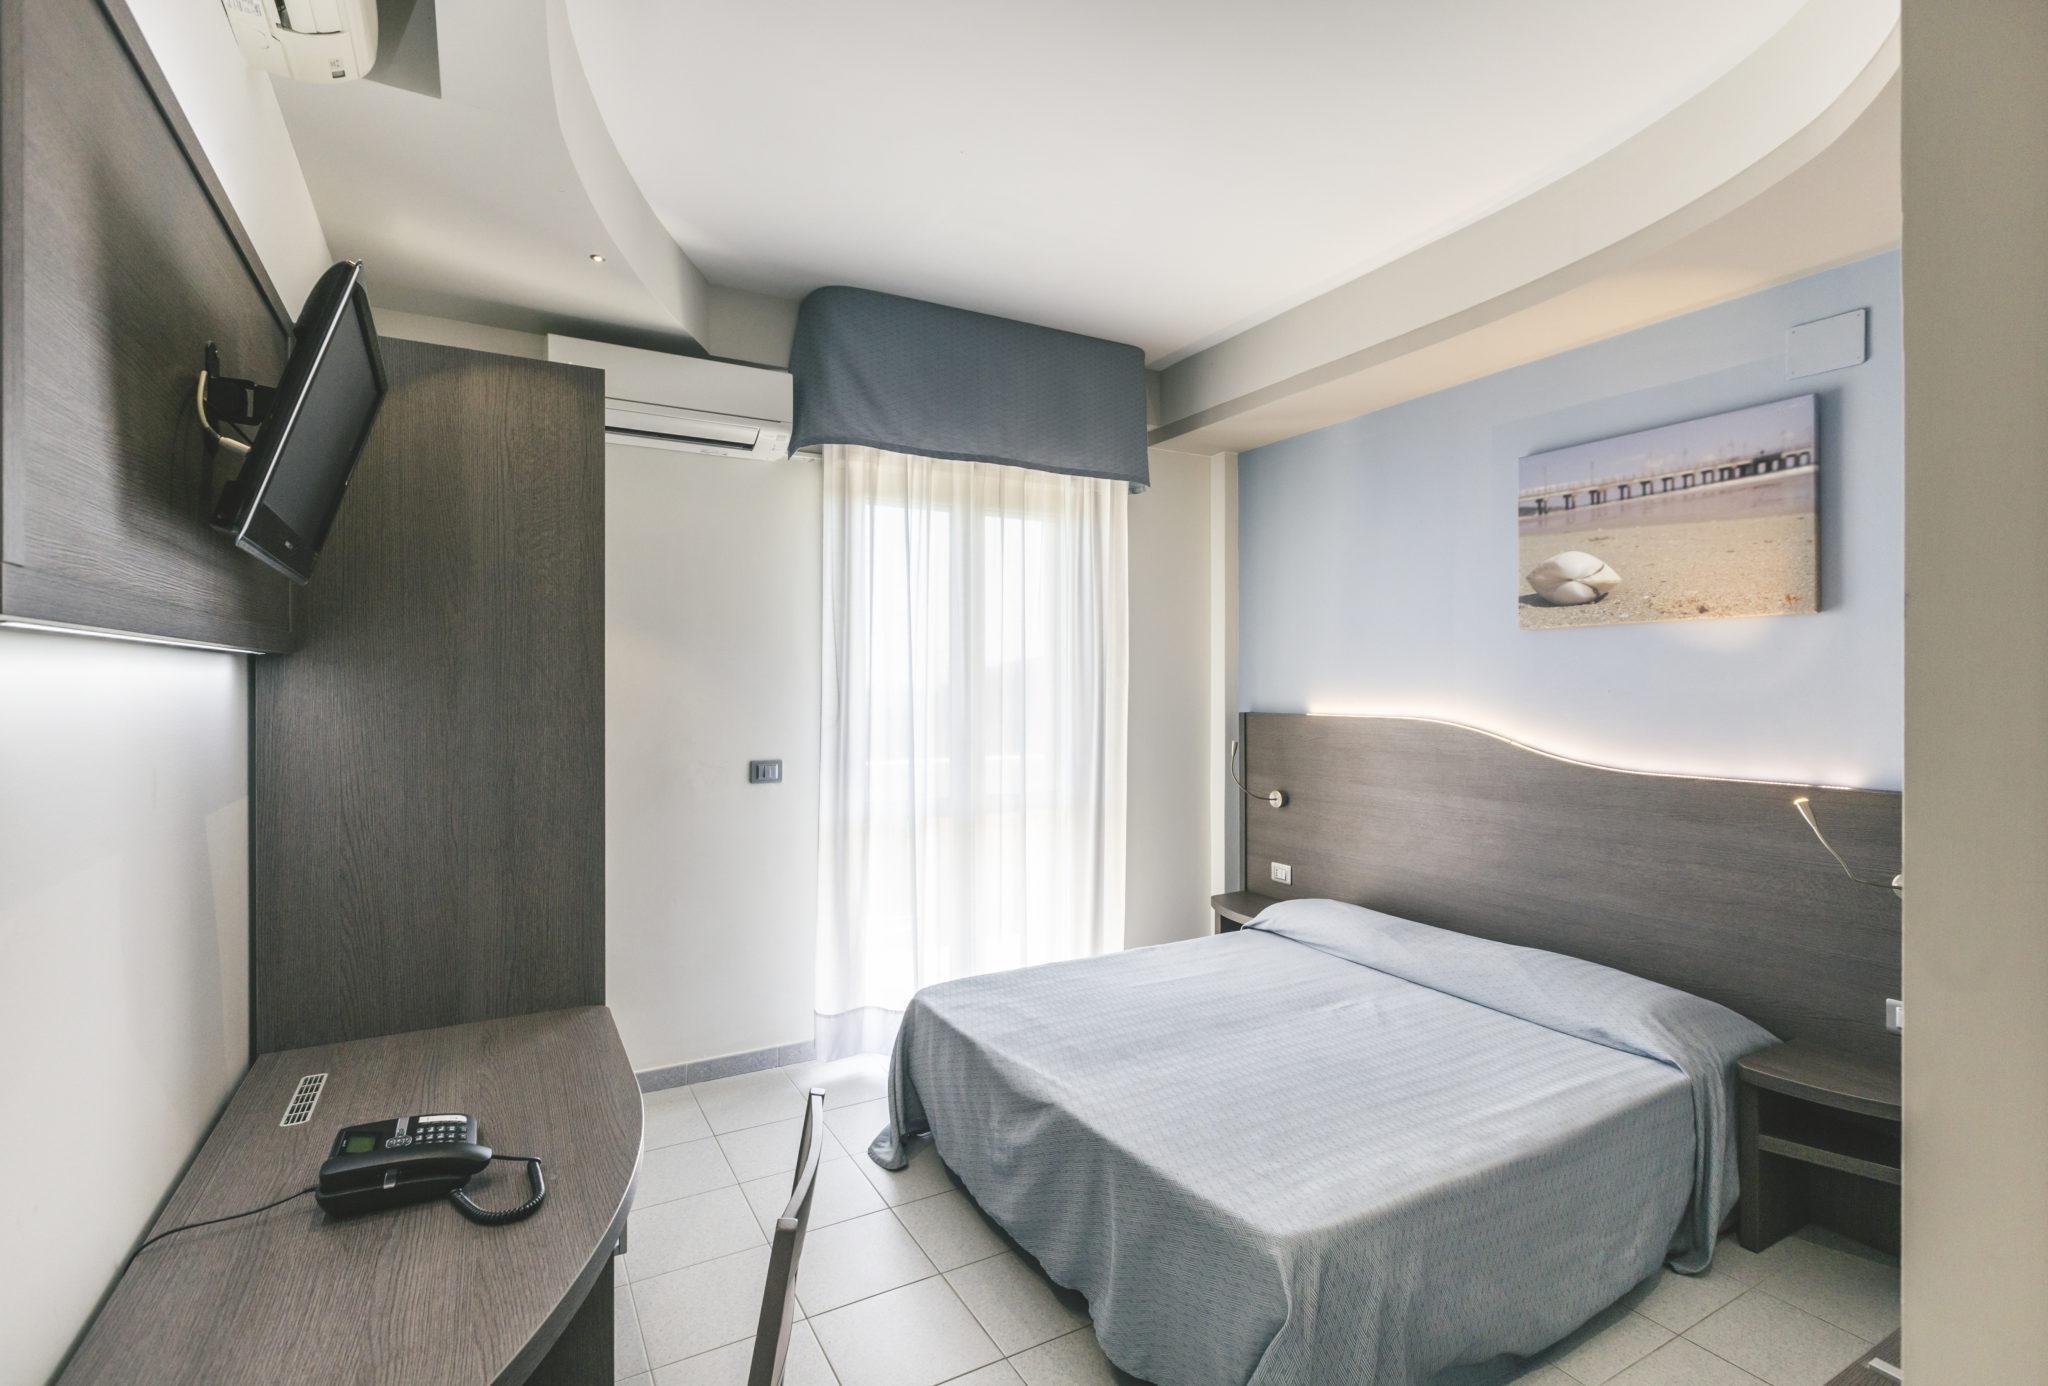 Hotel Acquario dubbelrum(29 sep-6 okt)